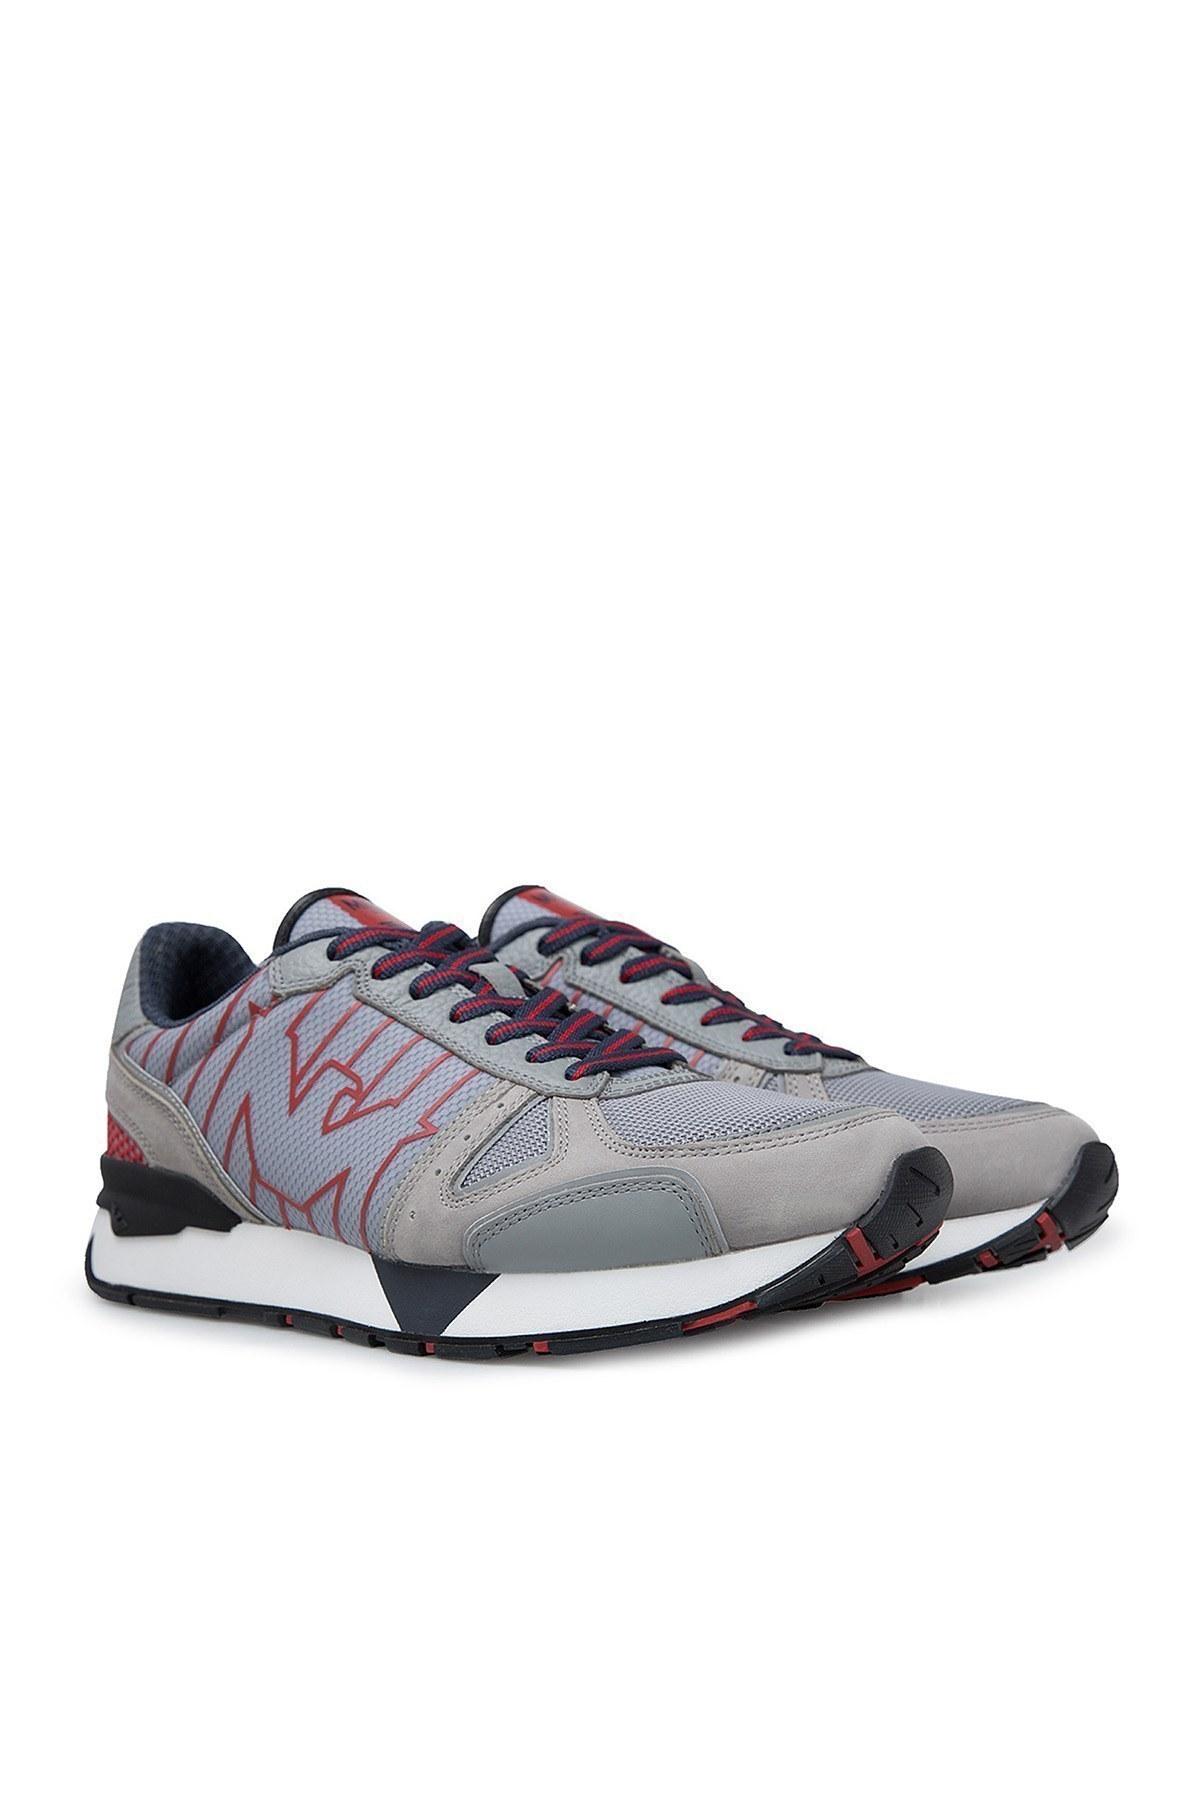 Emporio Armani Erkek Ayakkabı X4X289 XM232 K086 GRİ